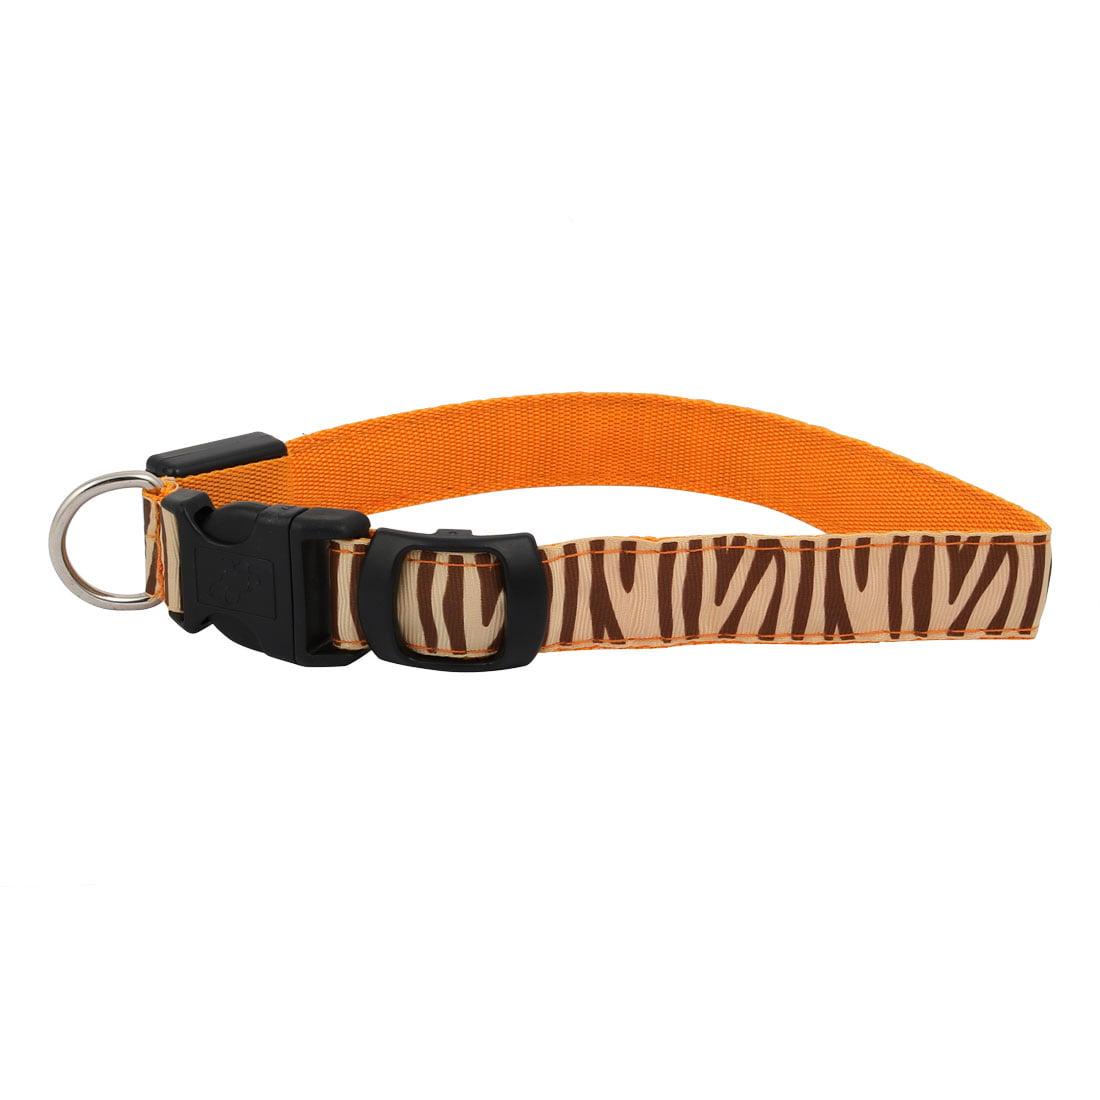 Unique Bargains Orange LED Light Flashing Zebra-Stripe XL Size Dog Neck Collar USB Rechargeable - image 4 of 7